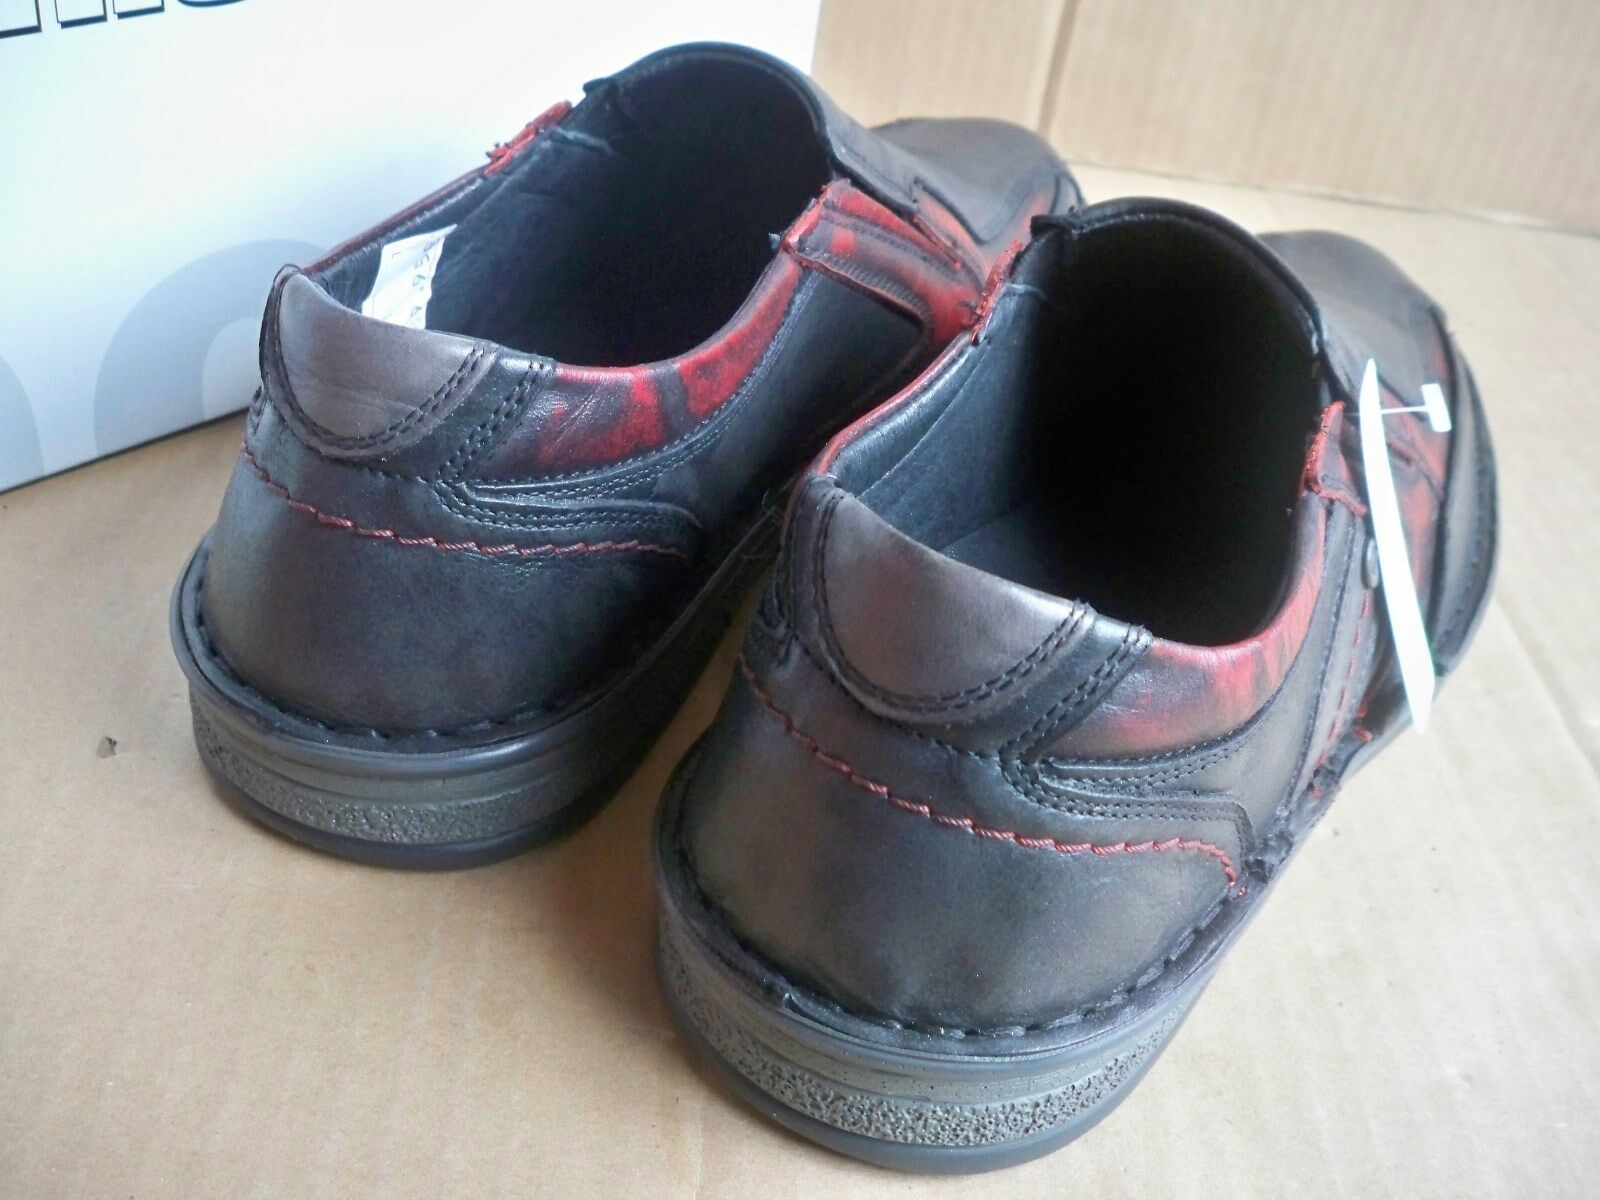 Krisbut-UOMO IN PELLE SLIPPER mezza scarpa ANTRAZIT-rosso senza deposito Taglia 41 4993 Scarpe classiche da uomo